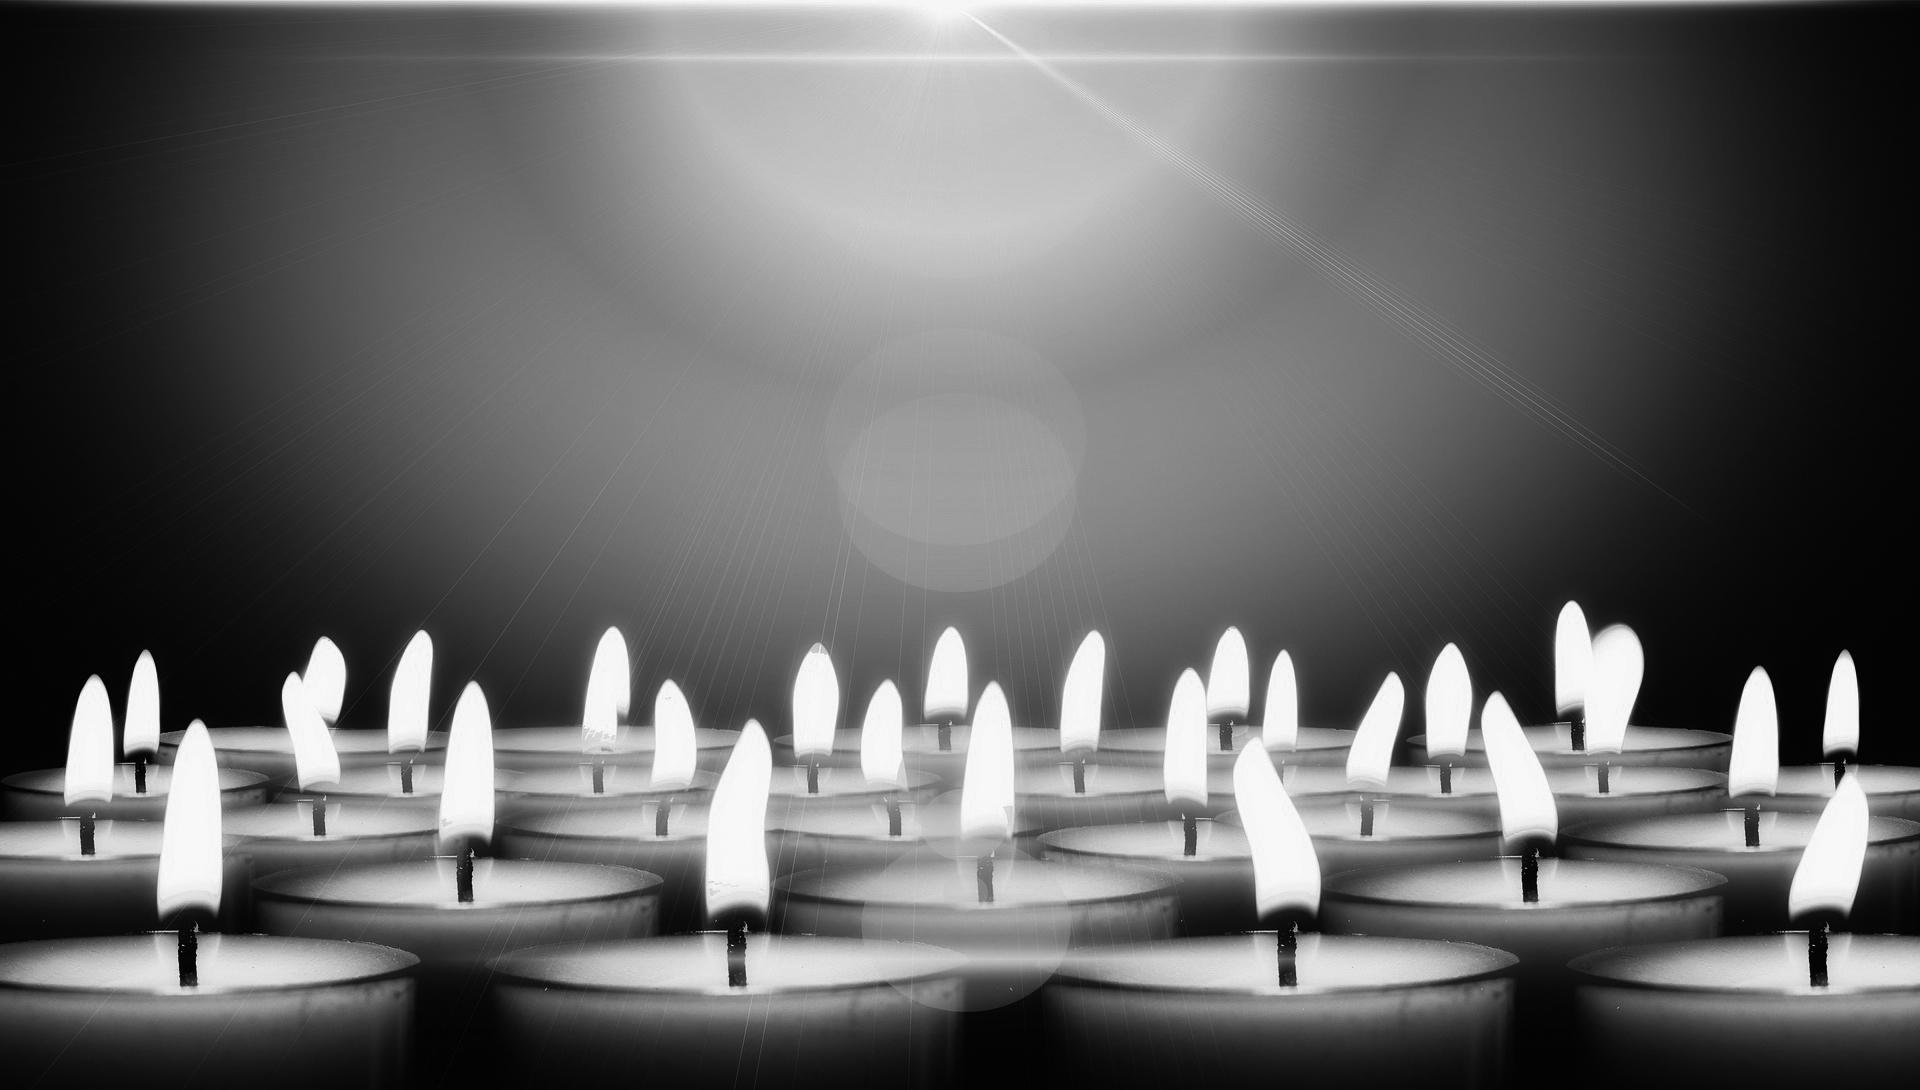 Kerzenlicht - Kommentare